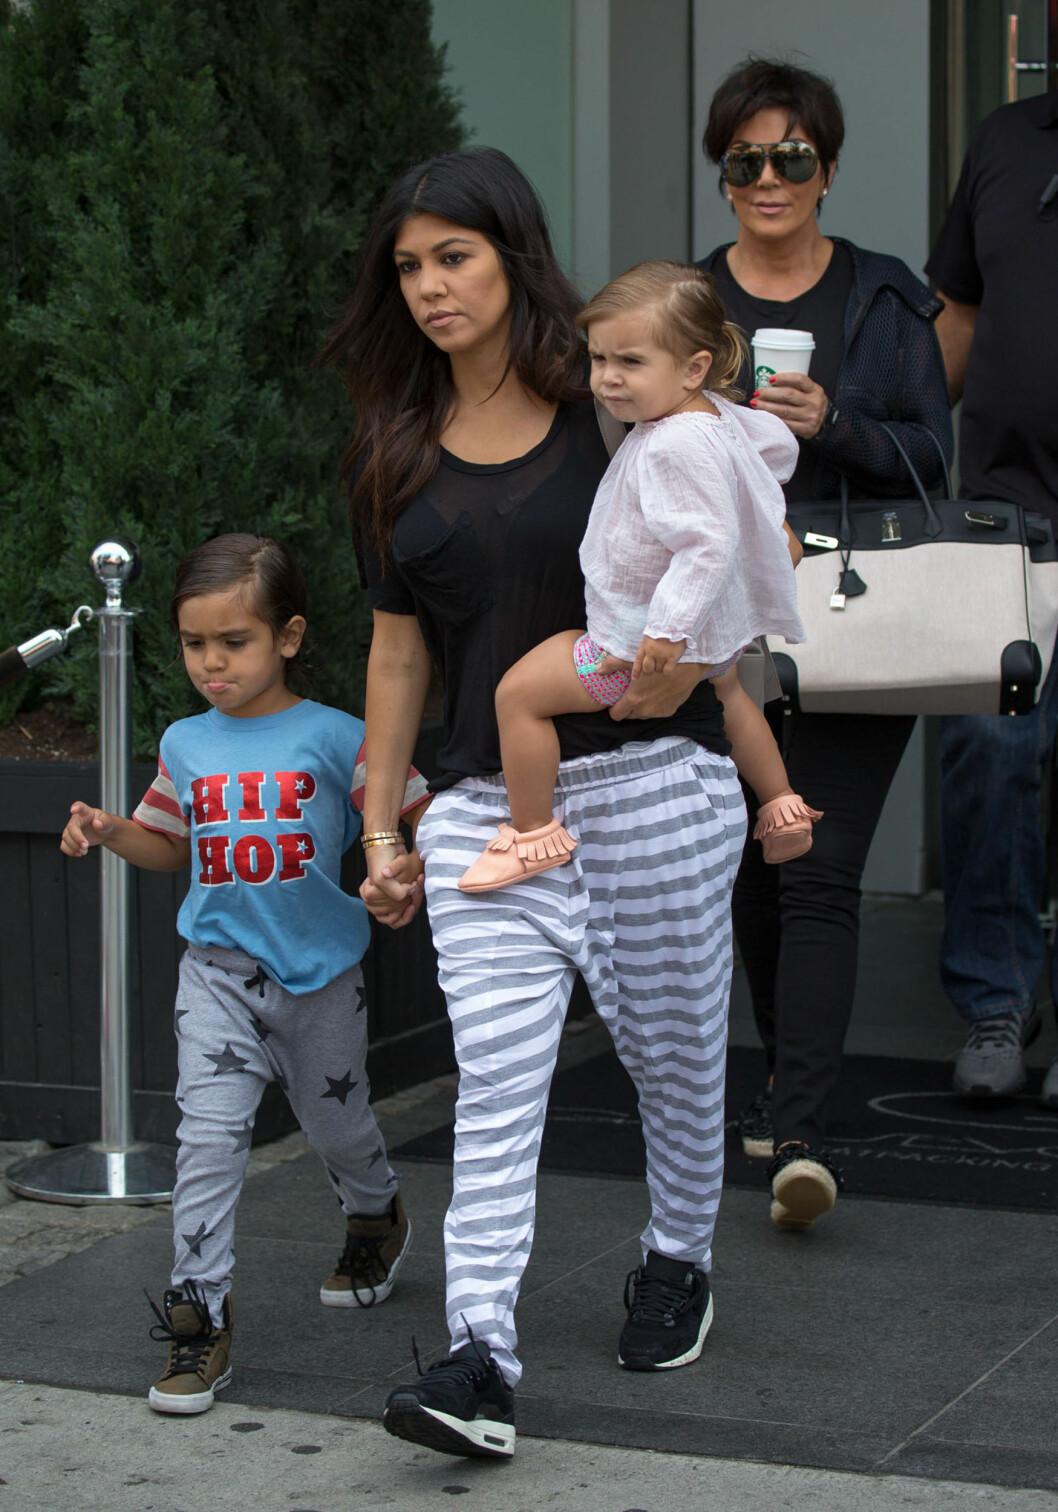 MYE ANSVAR: I reality-episoden klager Scott over hvor slitsomt det er å reise rundt med småbarn, men som oftest er det Kourtney som avbildes på reisefot med de små. Her på vei til the Hamptons i juni, sammen med mamma Kris Jenner (t.h).  Foto: Stella Pictures